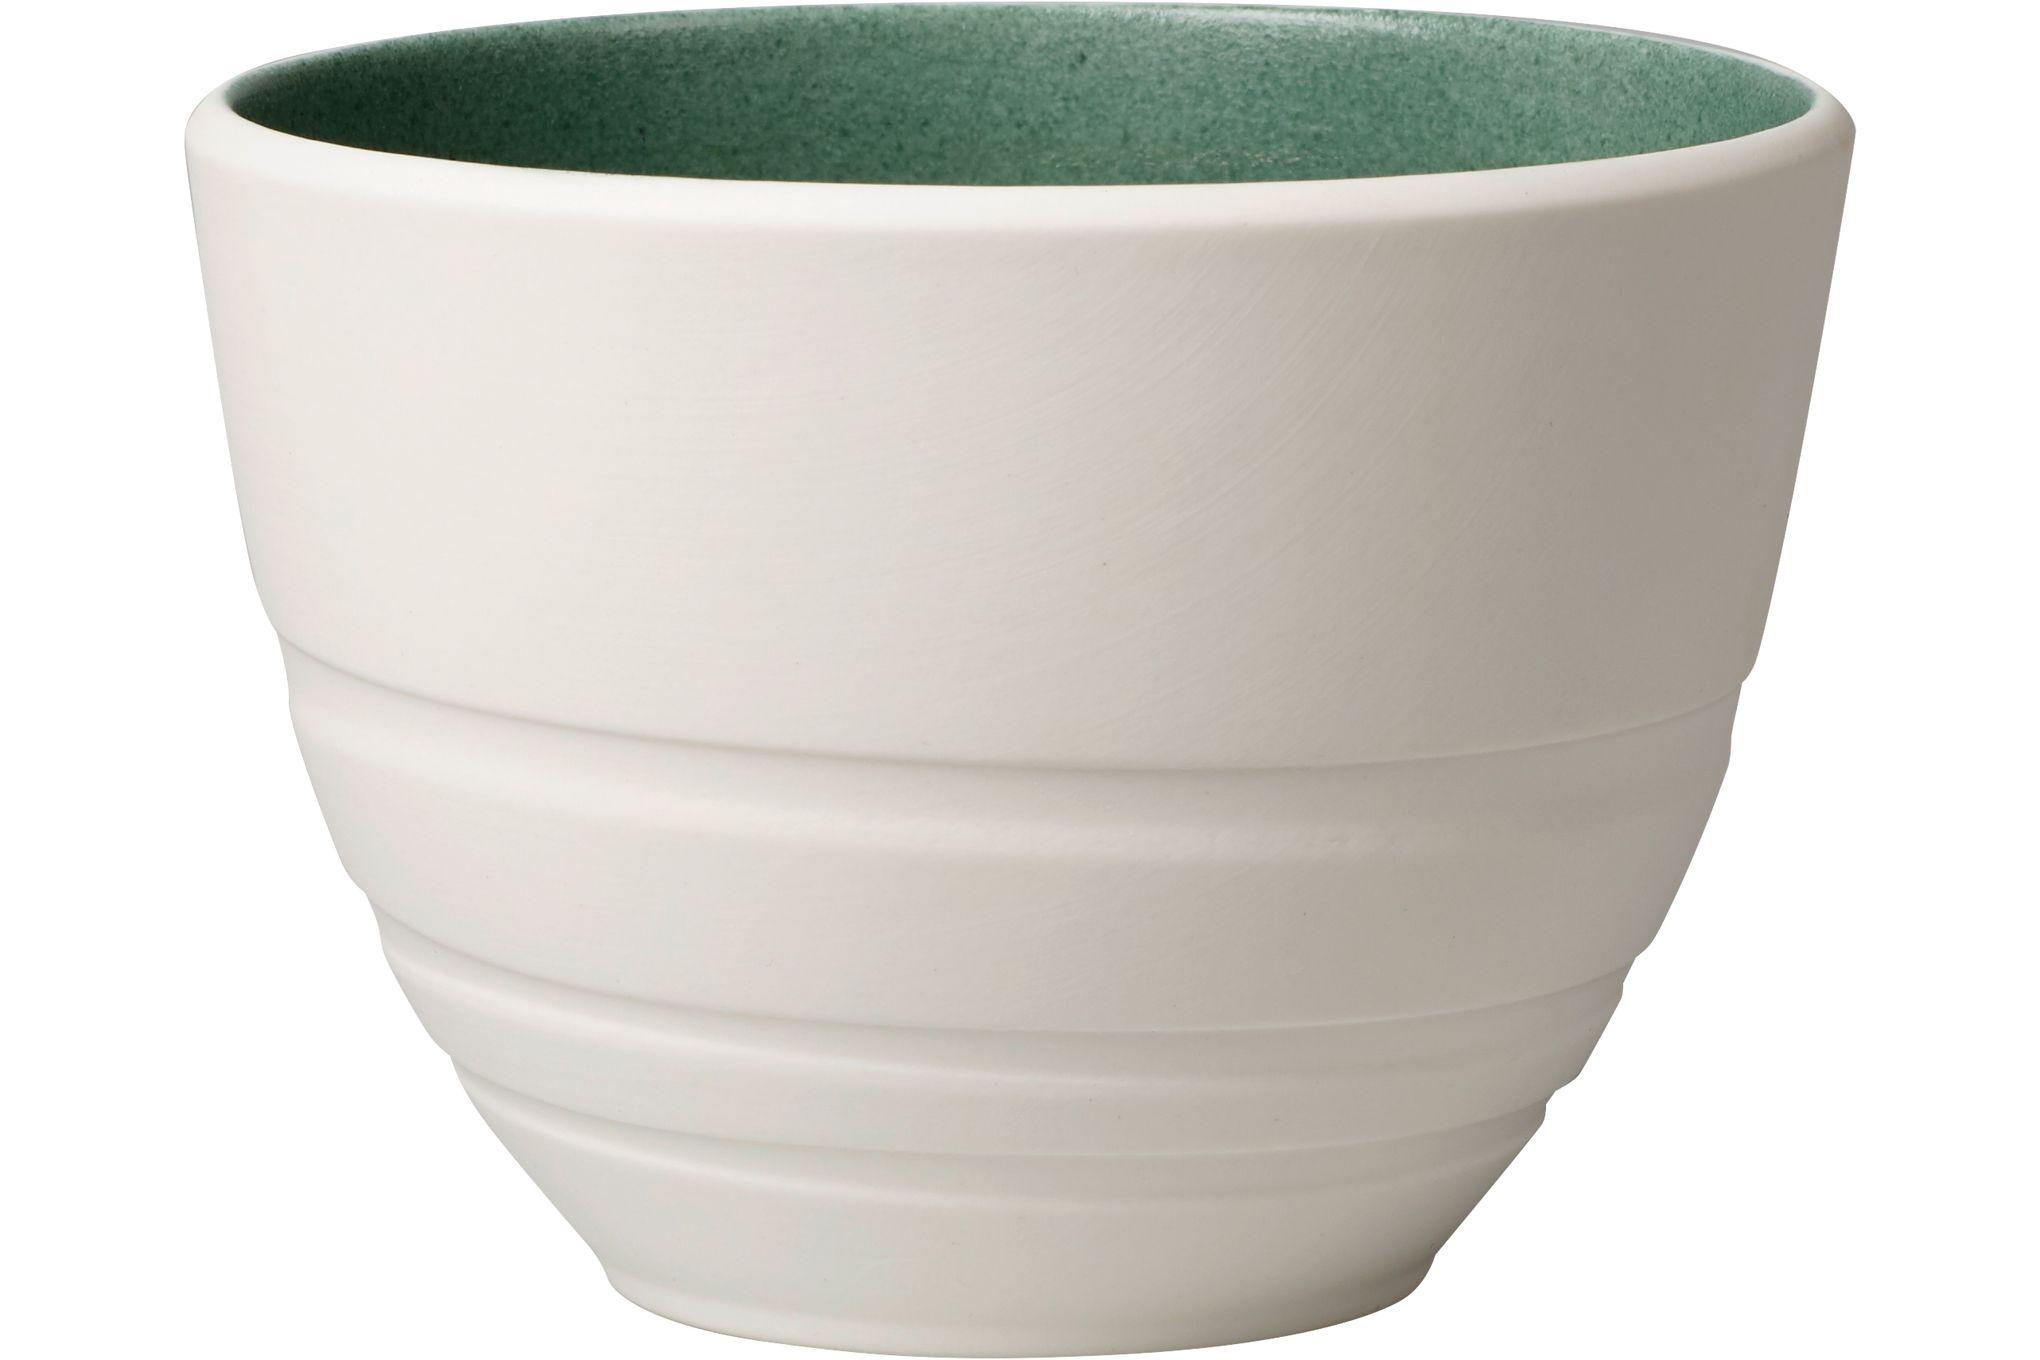 Villeroy & Boch It's my match Mug Leaf - Green, No handle 11 x 8cm, 0.45l thumb 1